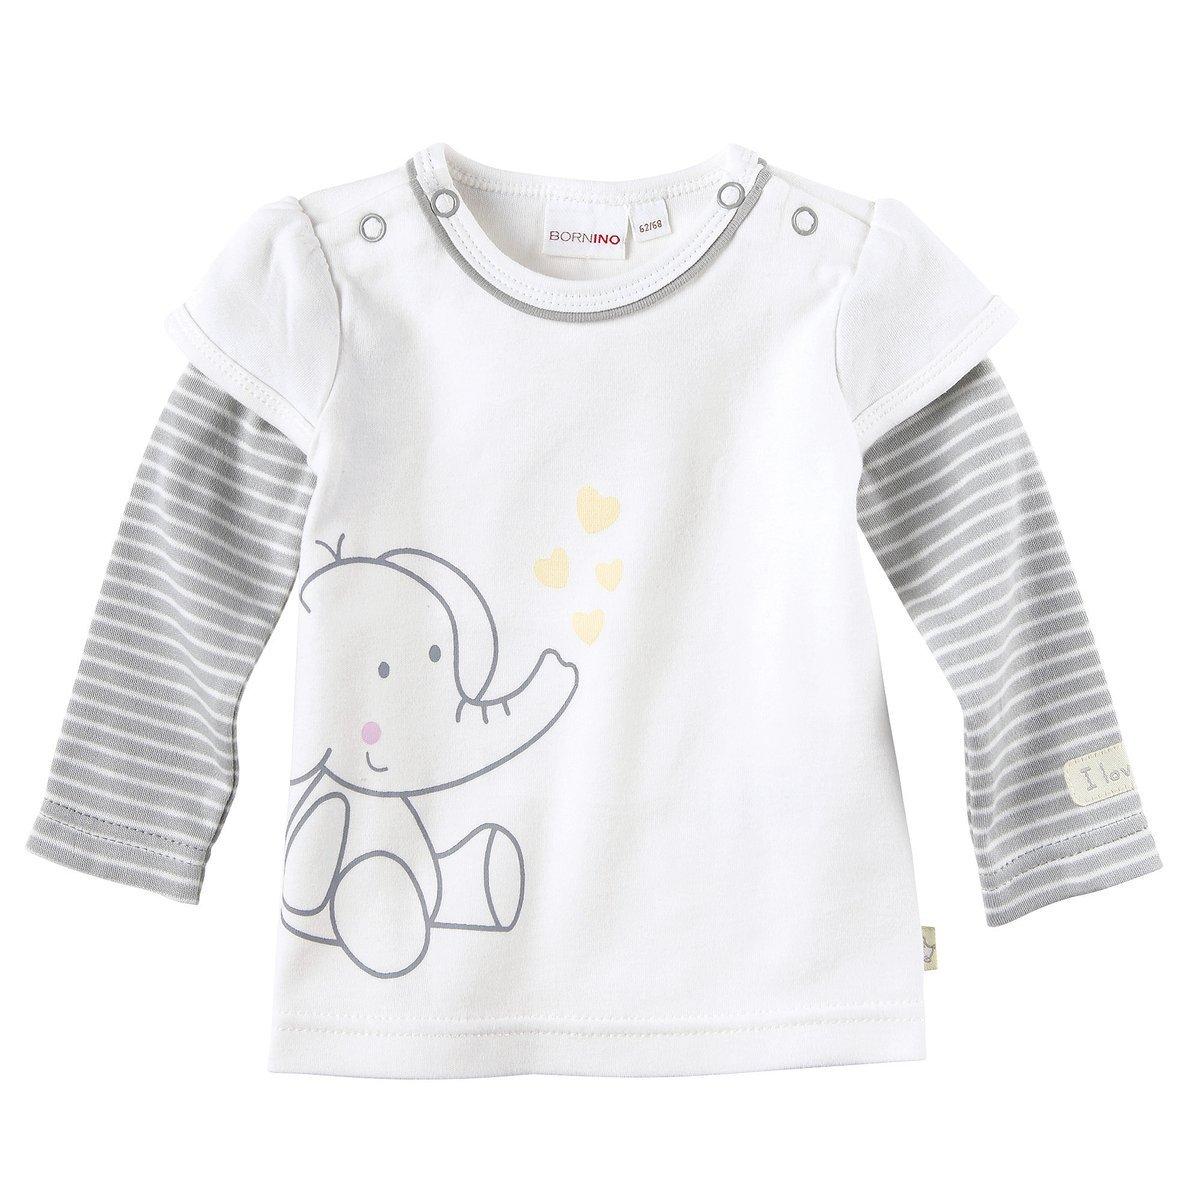 Bornino Basics 2in1 Shirt/Sweatshirt / Langarmshirt/Pullover / Oberteile - Farbe: weiß und grau, Baumwolle, Öko-Tex zertifiziert - Baby Bekleidung für Jungen/Mädchen